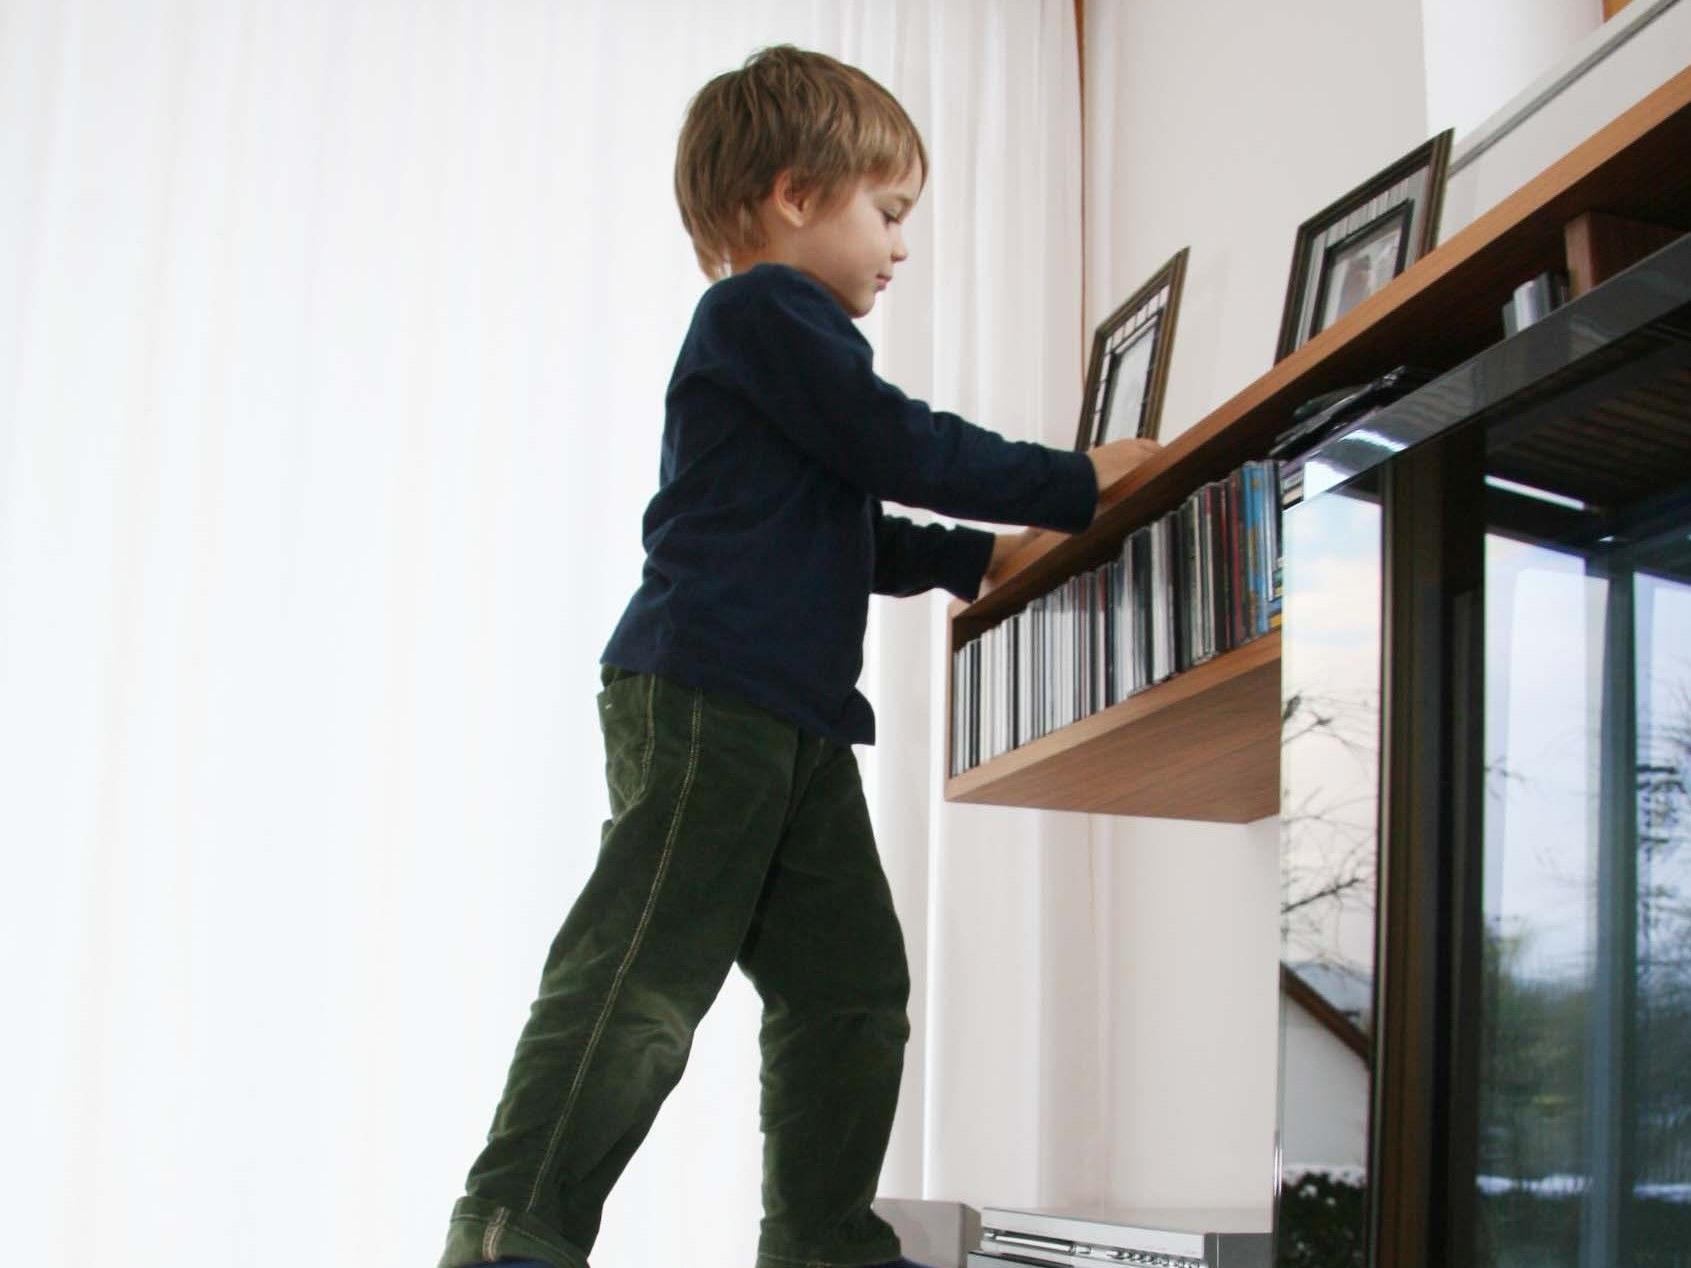 Ein Junge erprobt seine Geschicklichkeit beim Klettern im Wohnbereich.